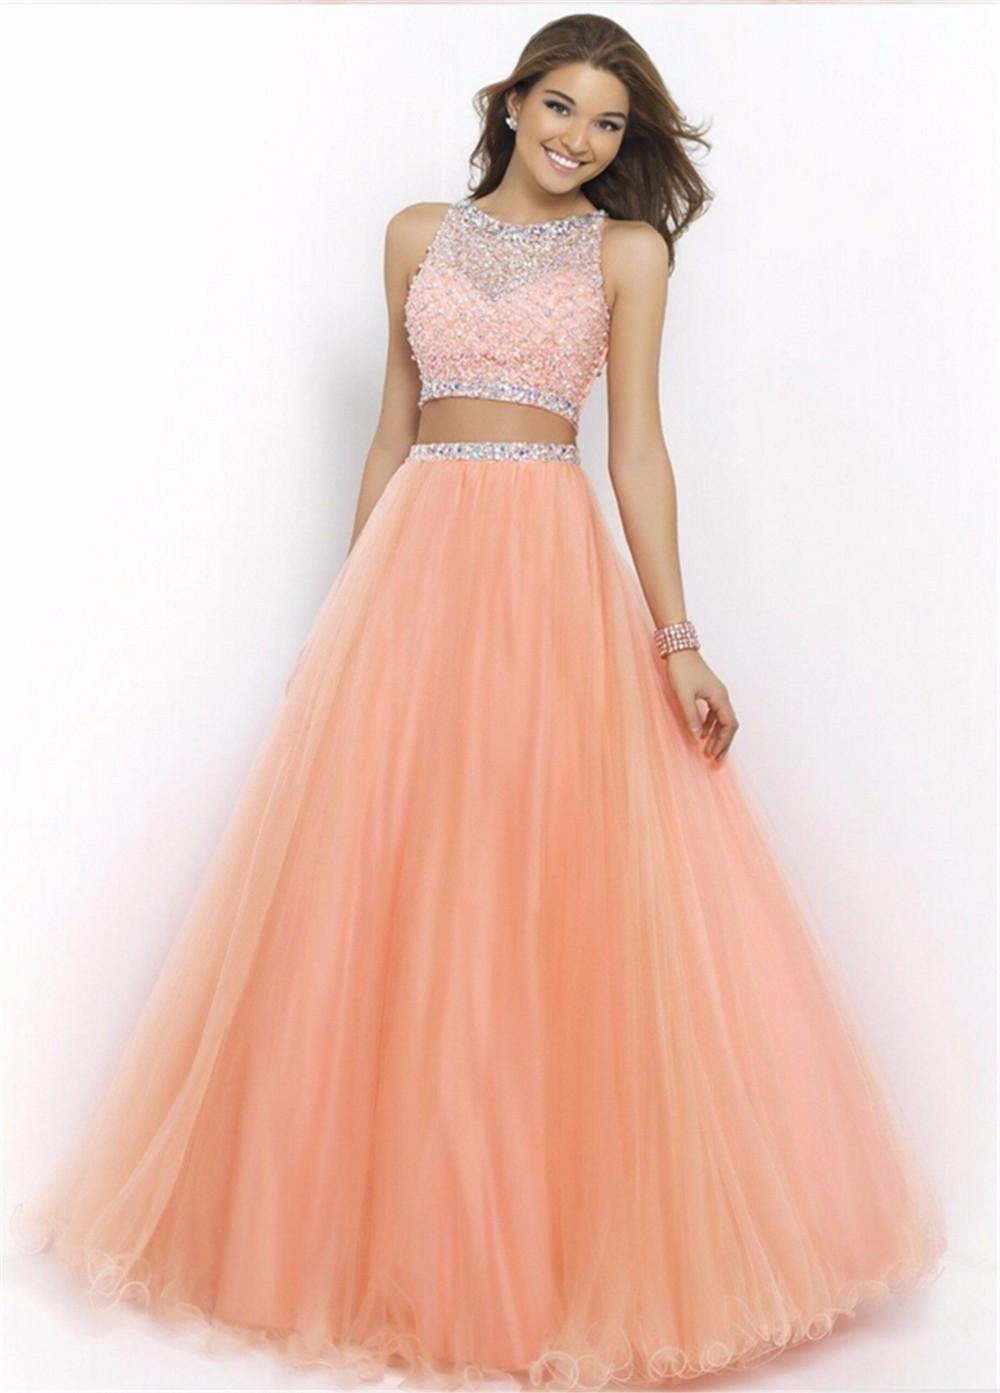 862f0cdbb52 Dlouhé společenské šaty k prodeji - Hollywood Style E-Shop - plesové ...